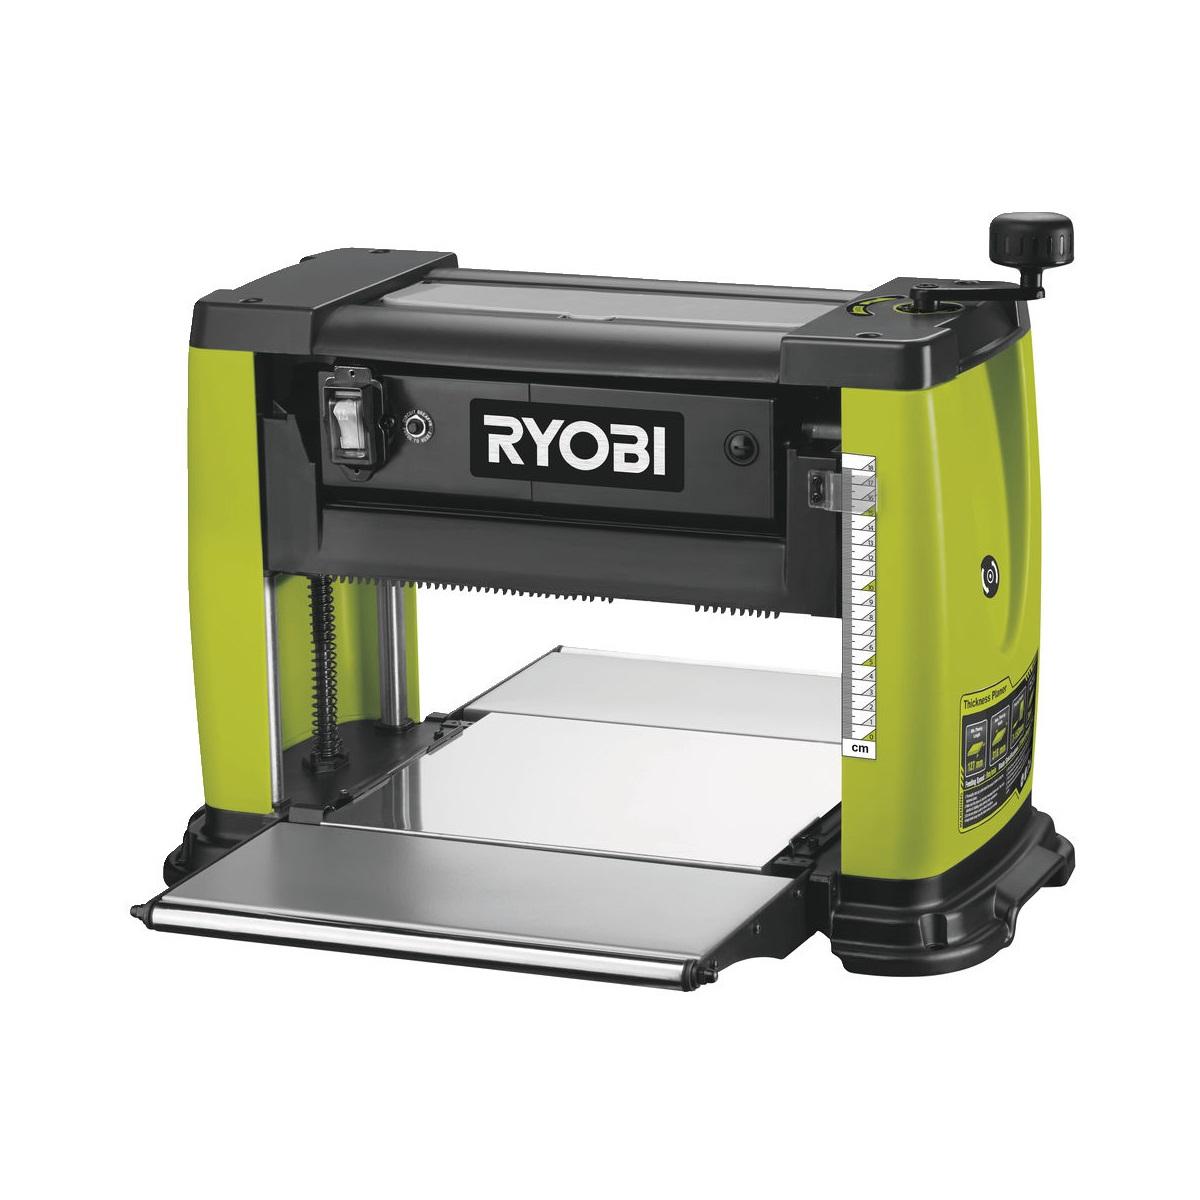 Ryobi RAP1500G, protahovačka 1500W